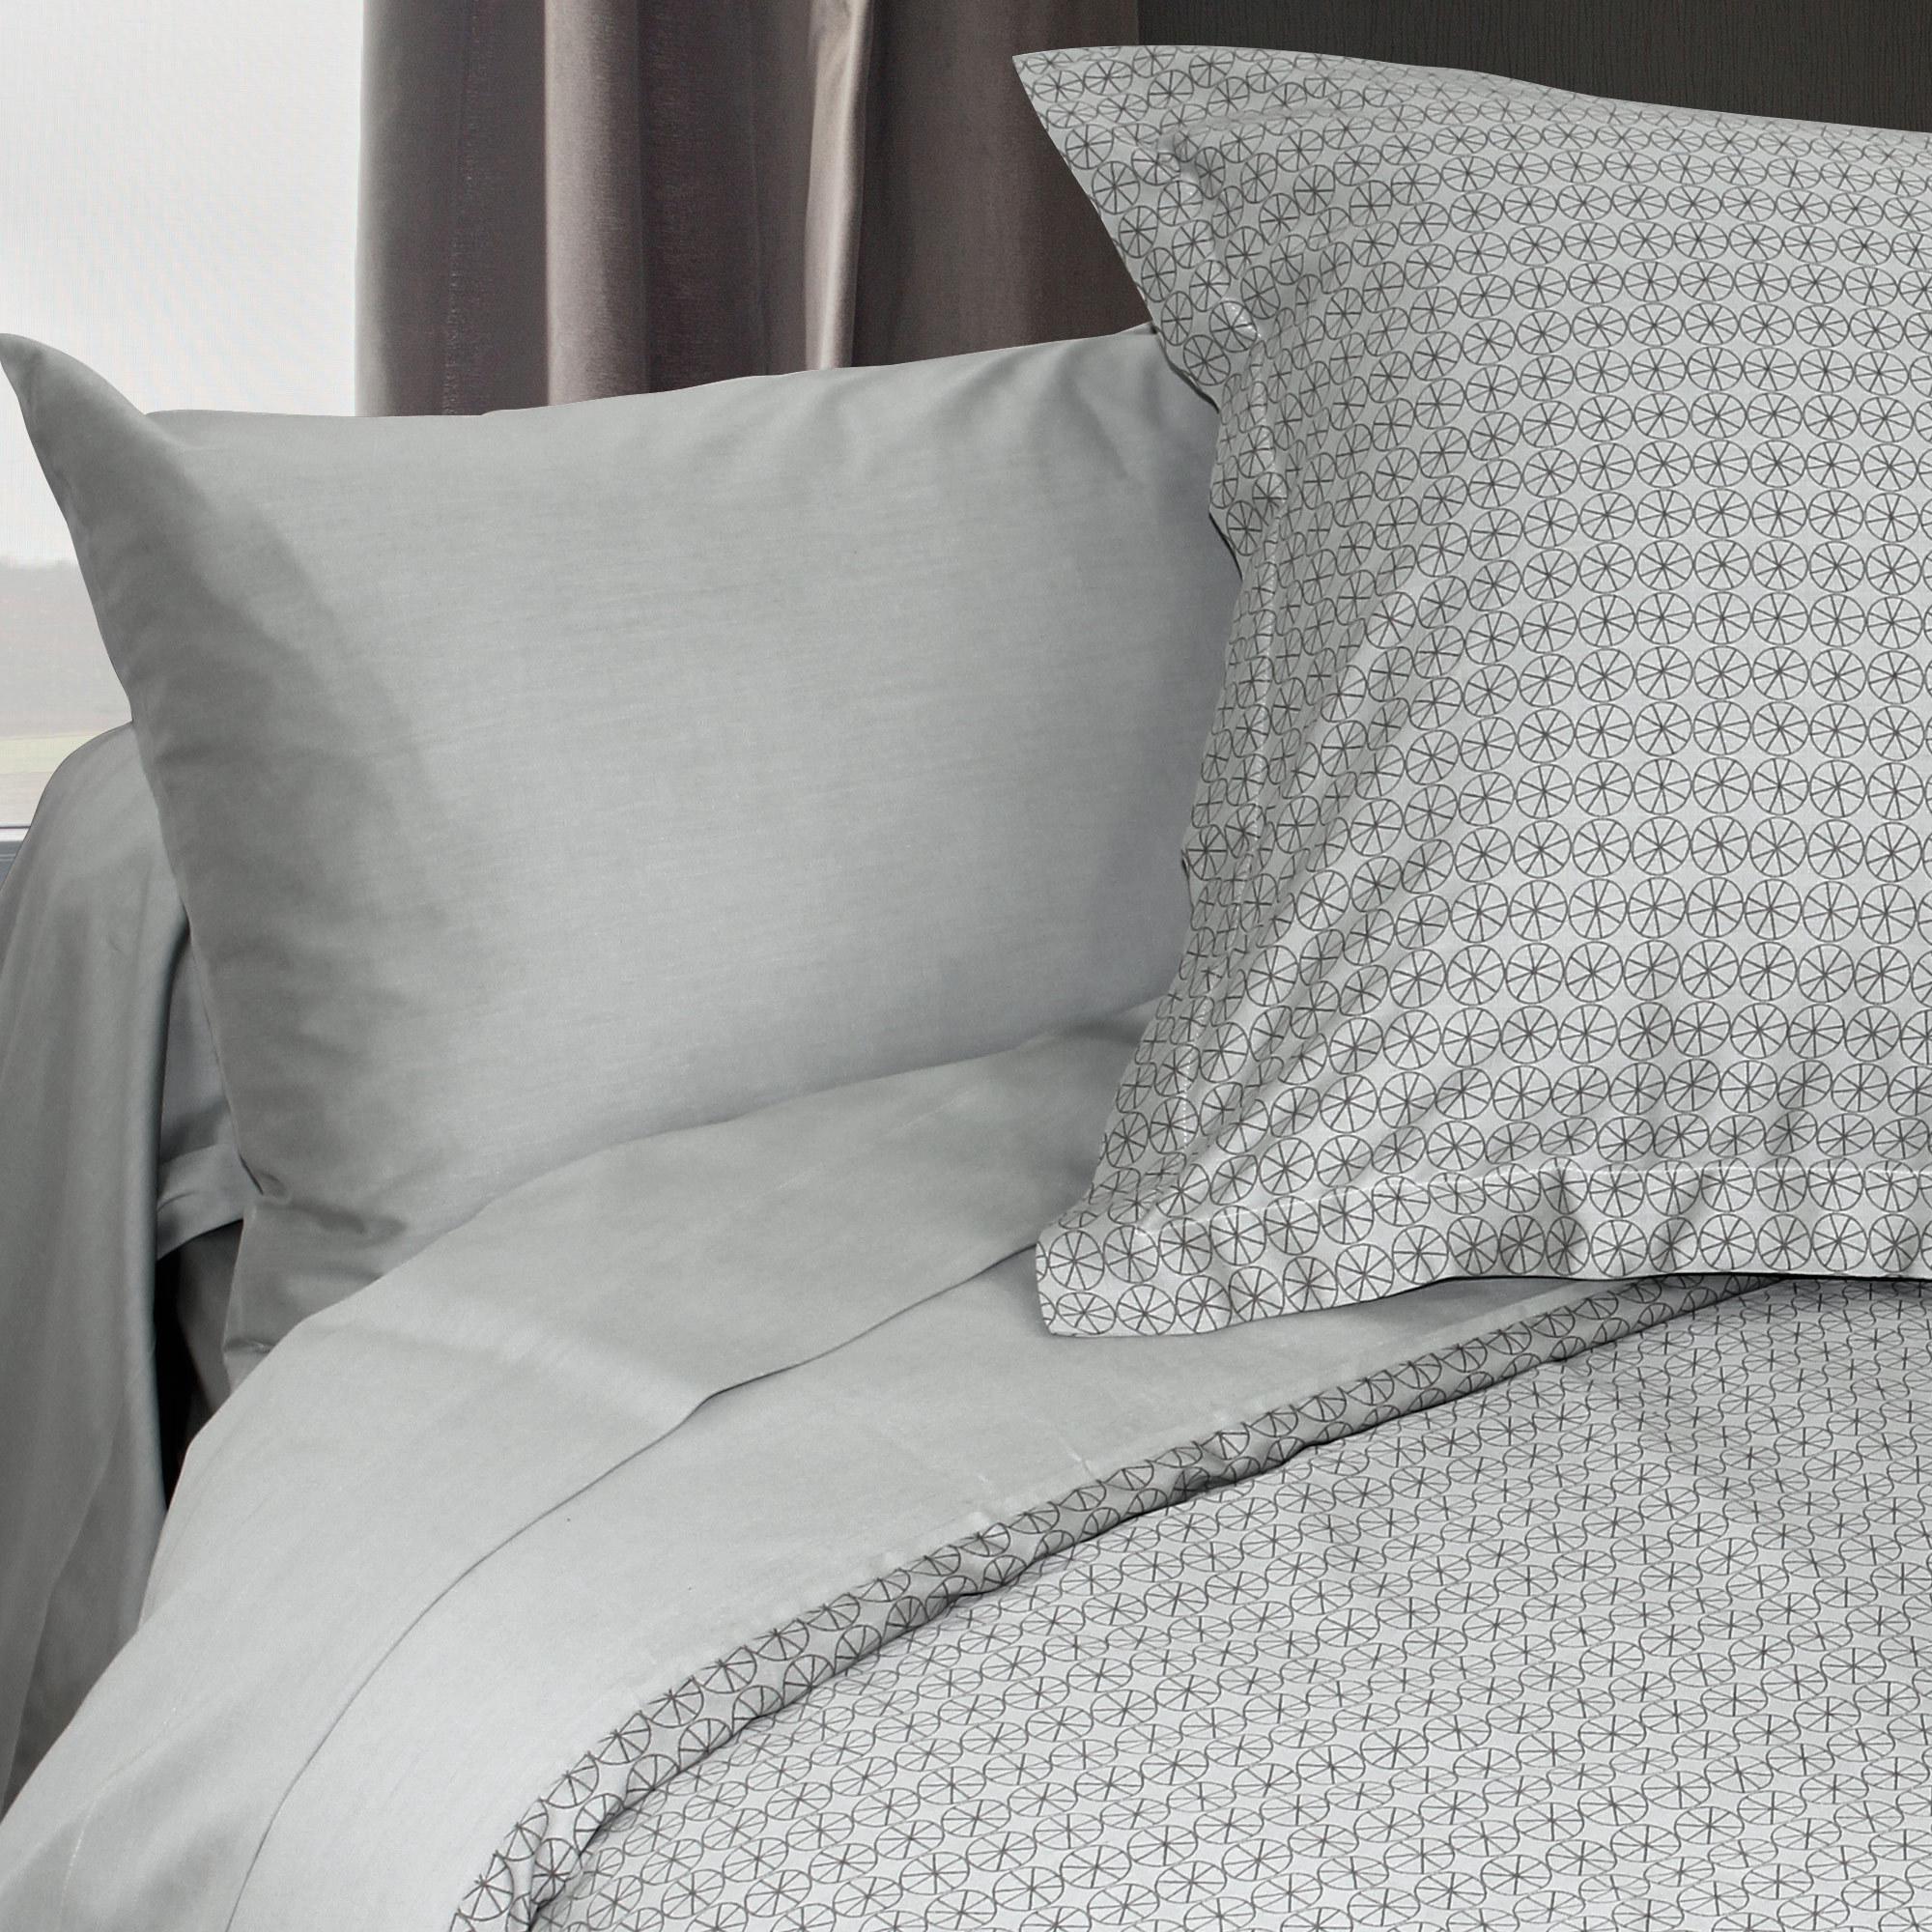 housse de couette 280x240 satin de coton etoile gris clair ebay. Black Bedroom Furniture Sets. Home Design Ideas